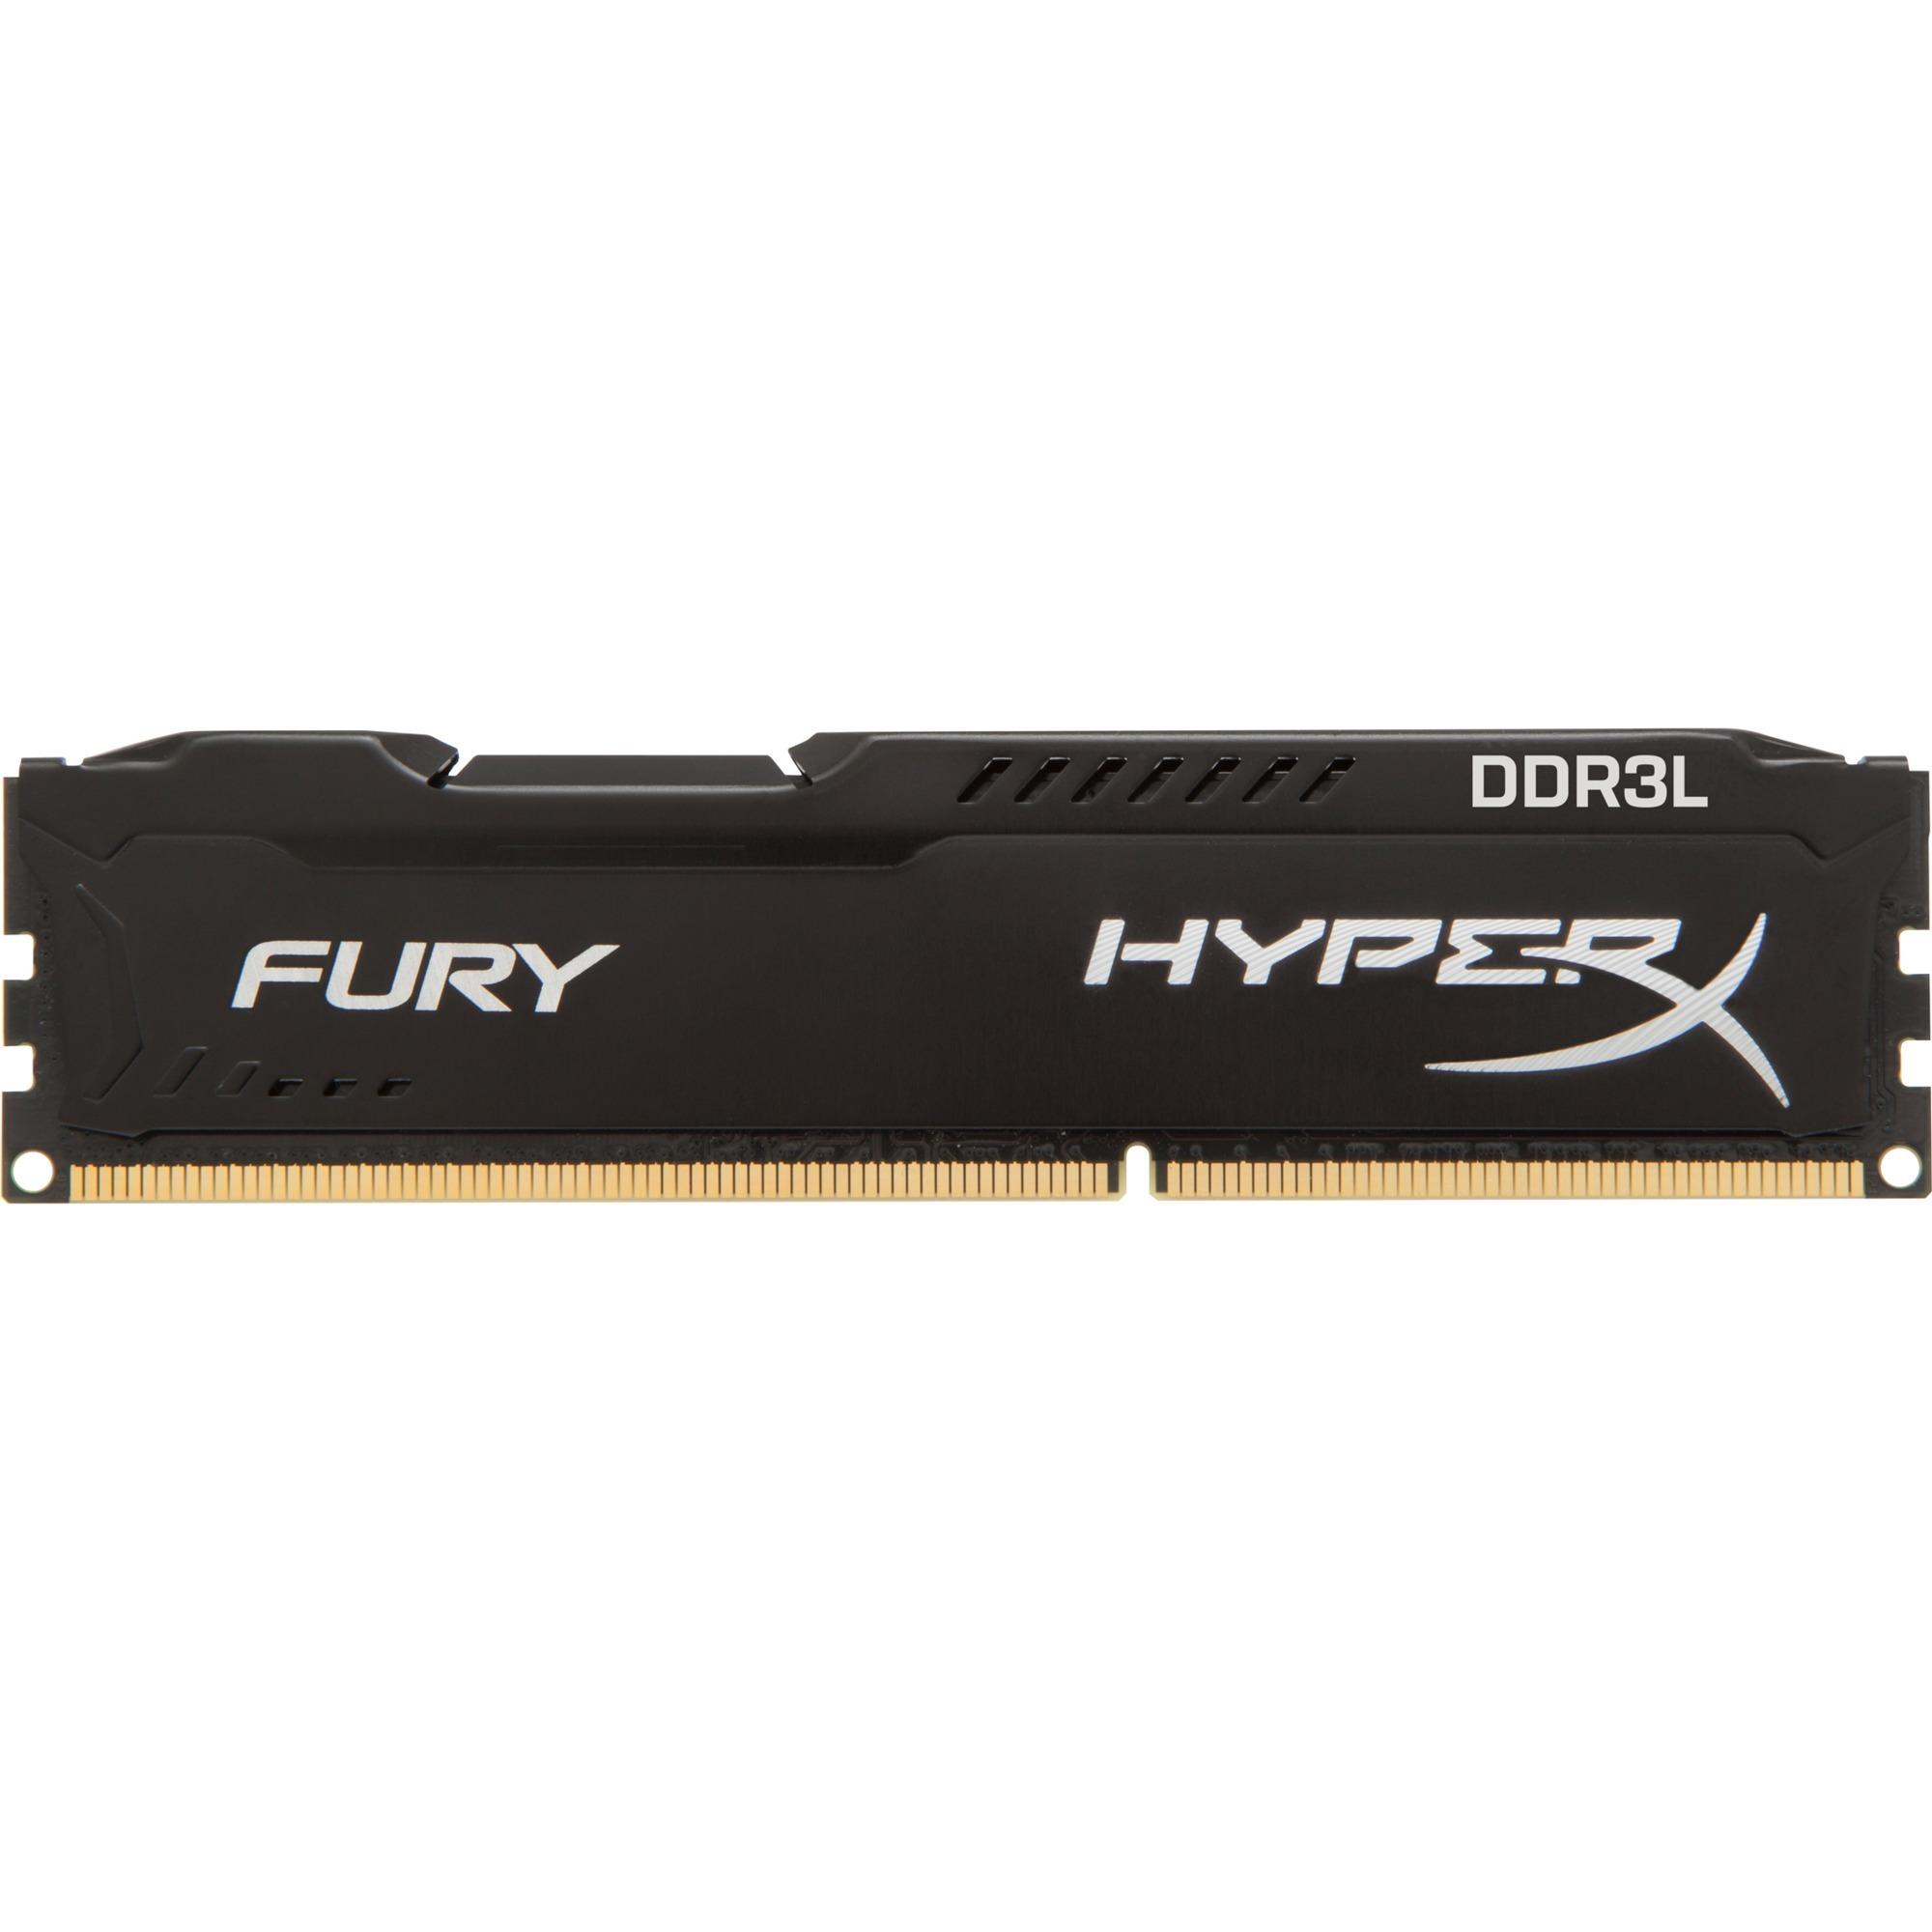 Fury 8 Go DDR3L 1600 MHz CL10, Mémoire